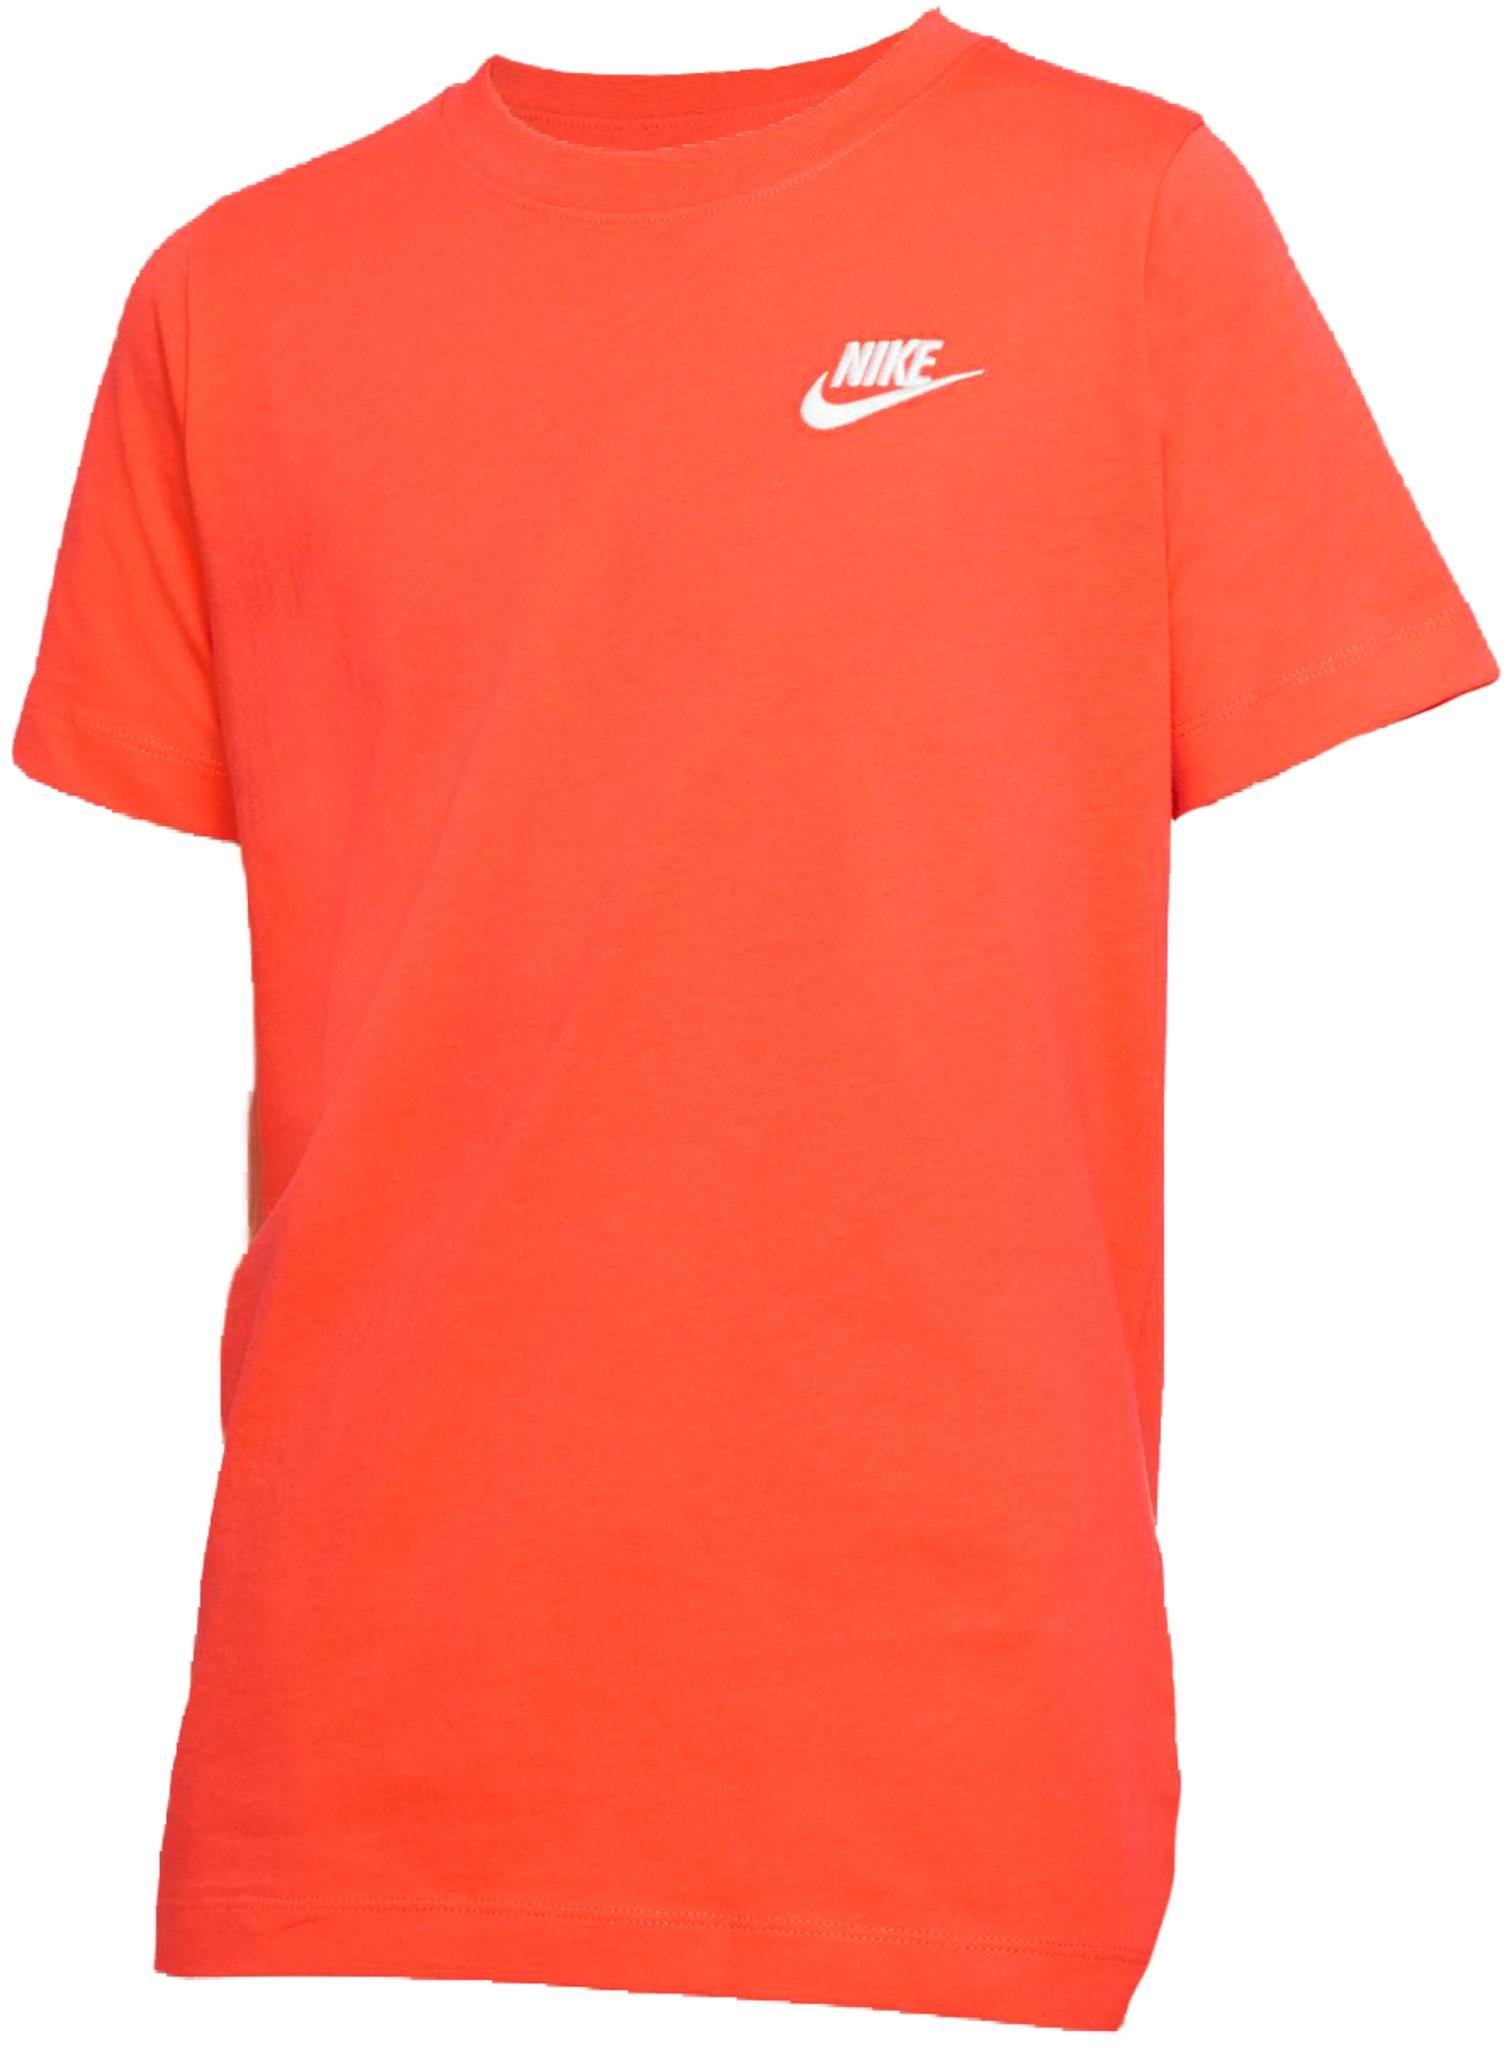 Sportswear T-Shirt Big Kids